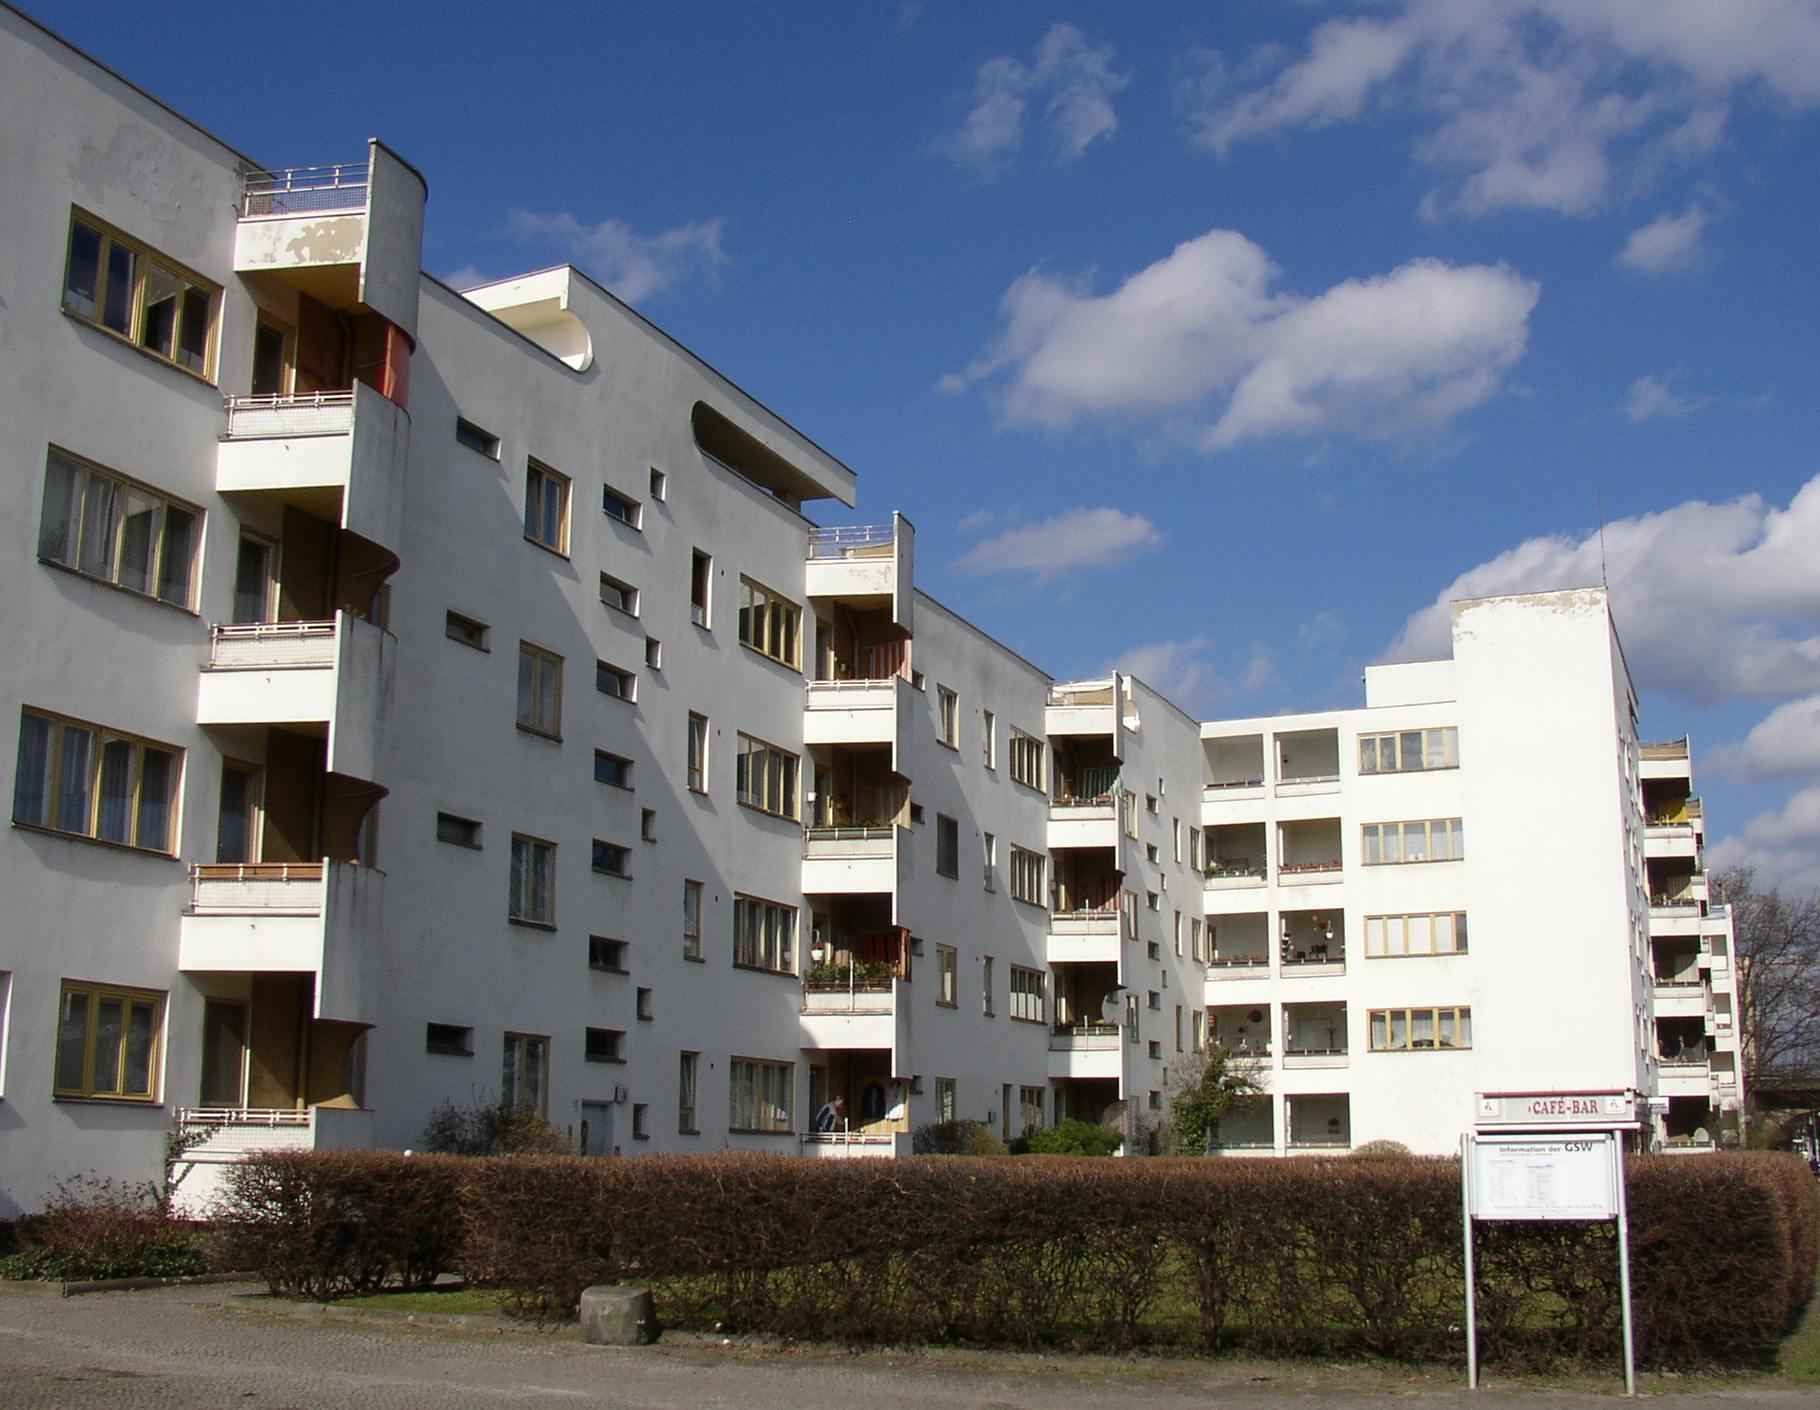 Gro siedlung siemensstadt wikipedia for Architektur 1929